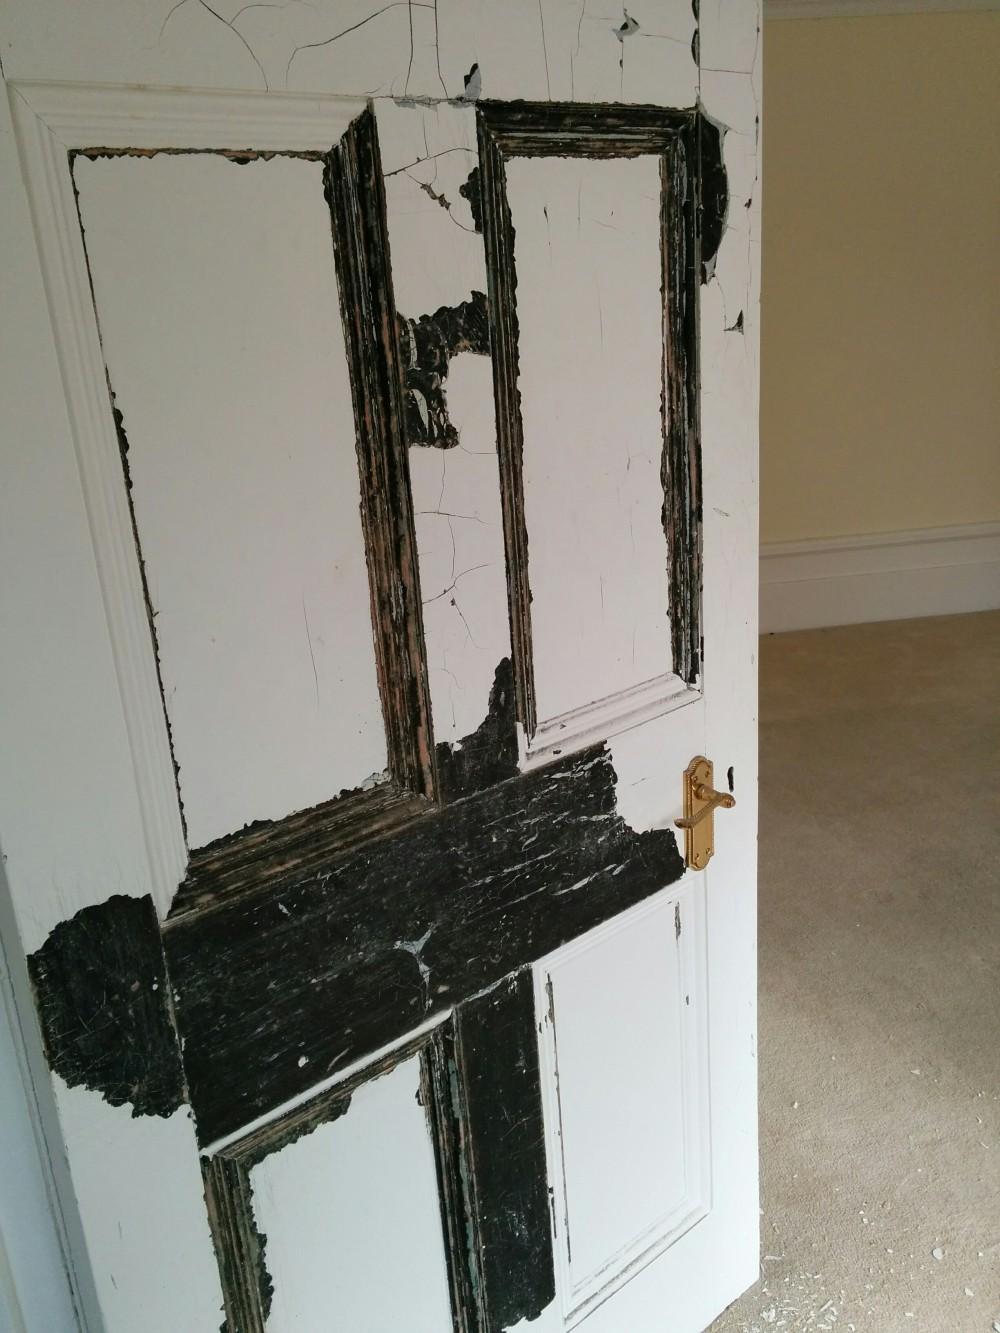 Living room door paint peeling